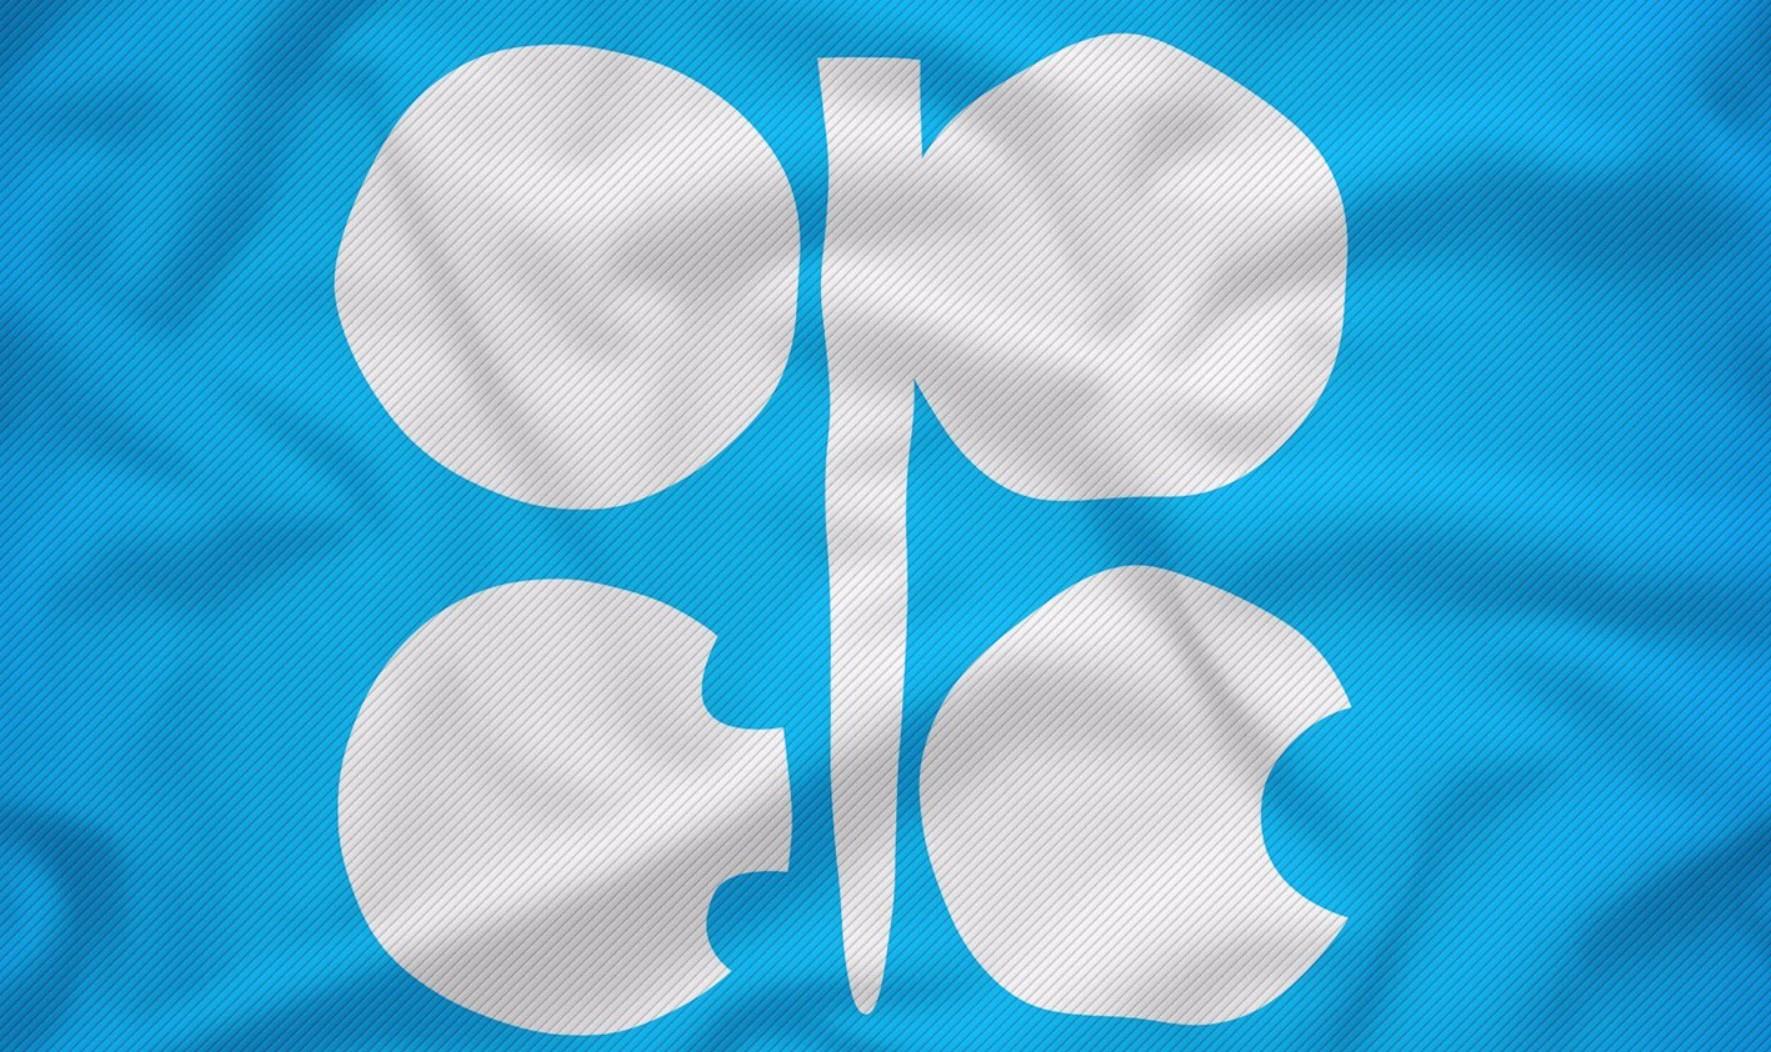 Спрос на нефть в мире. Отчет ОПЕК от 10 апреля 2019